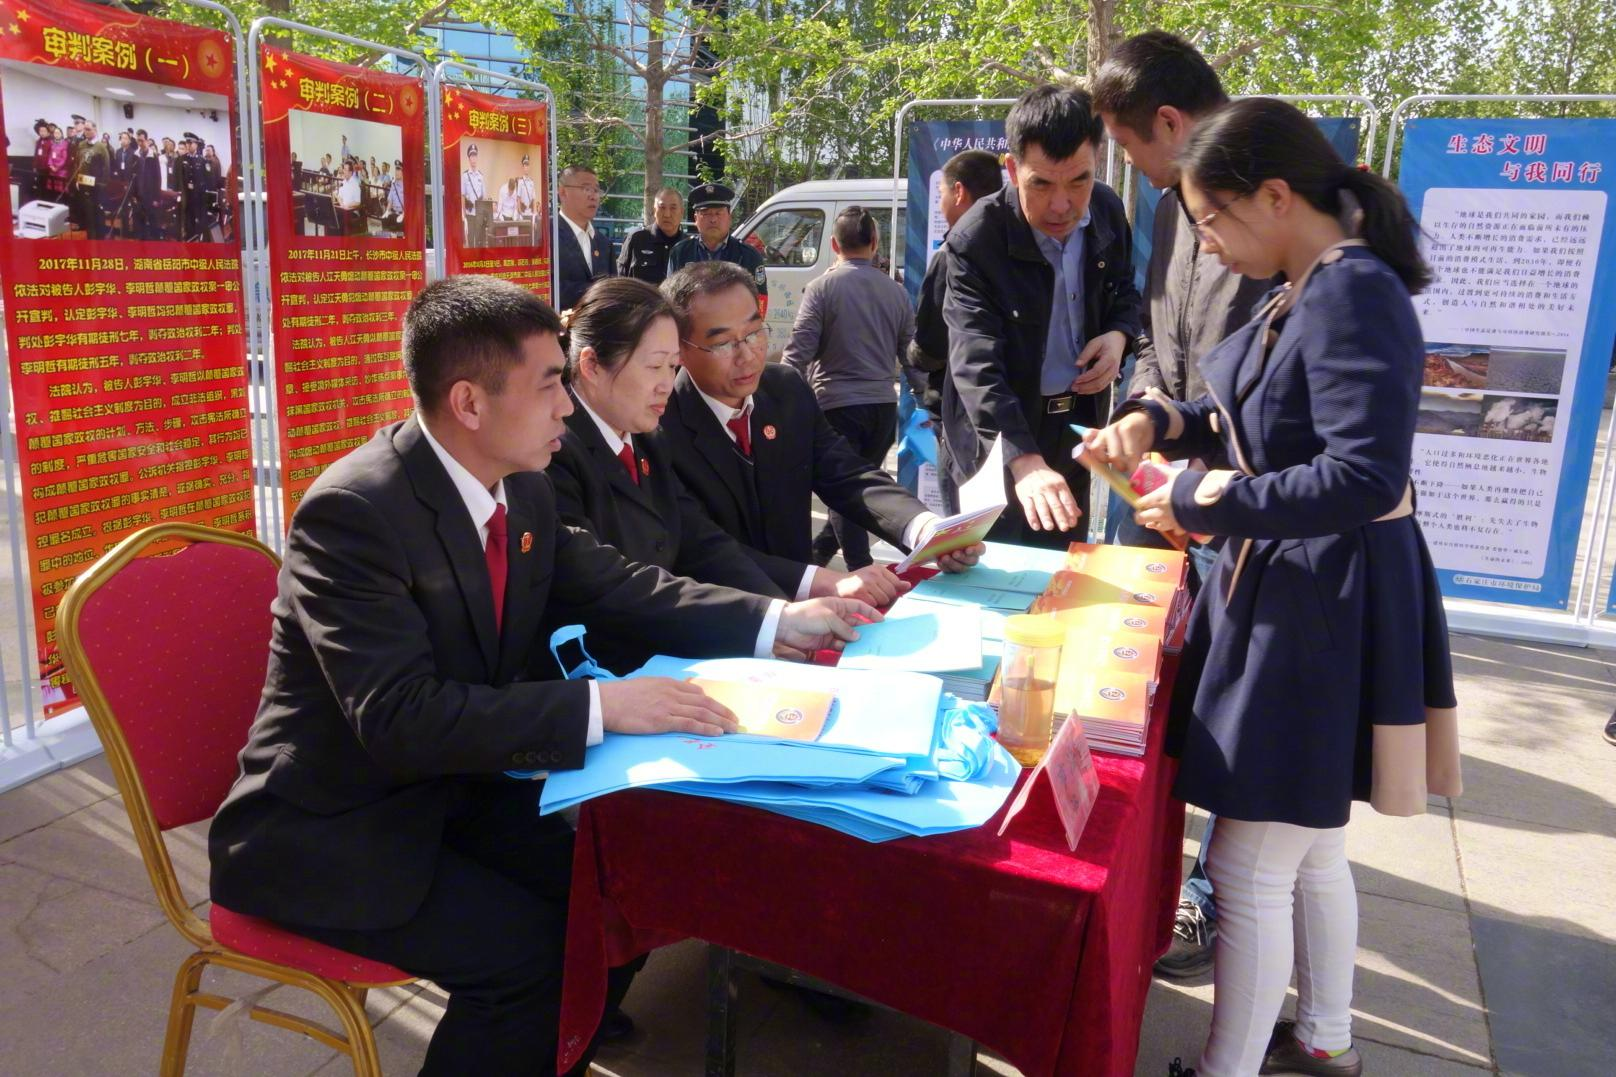 福建省开展打击整治非法社会组织专项行动